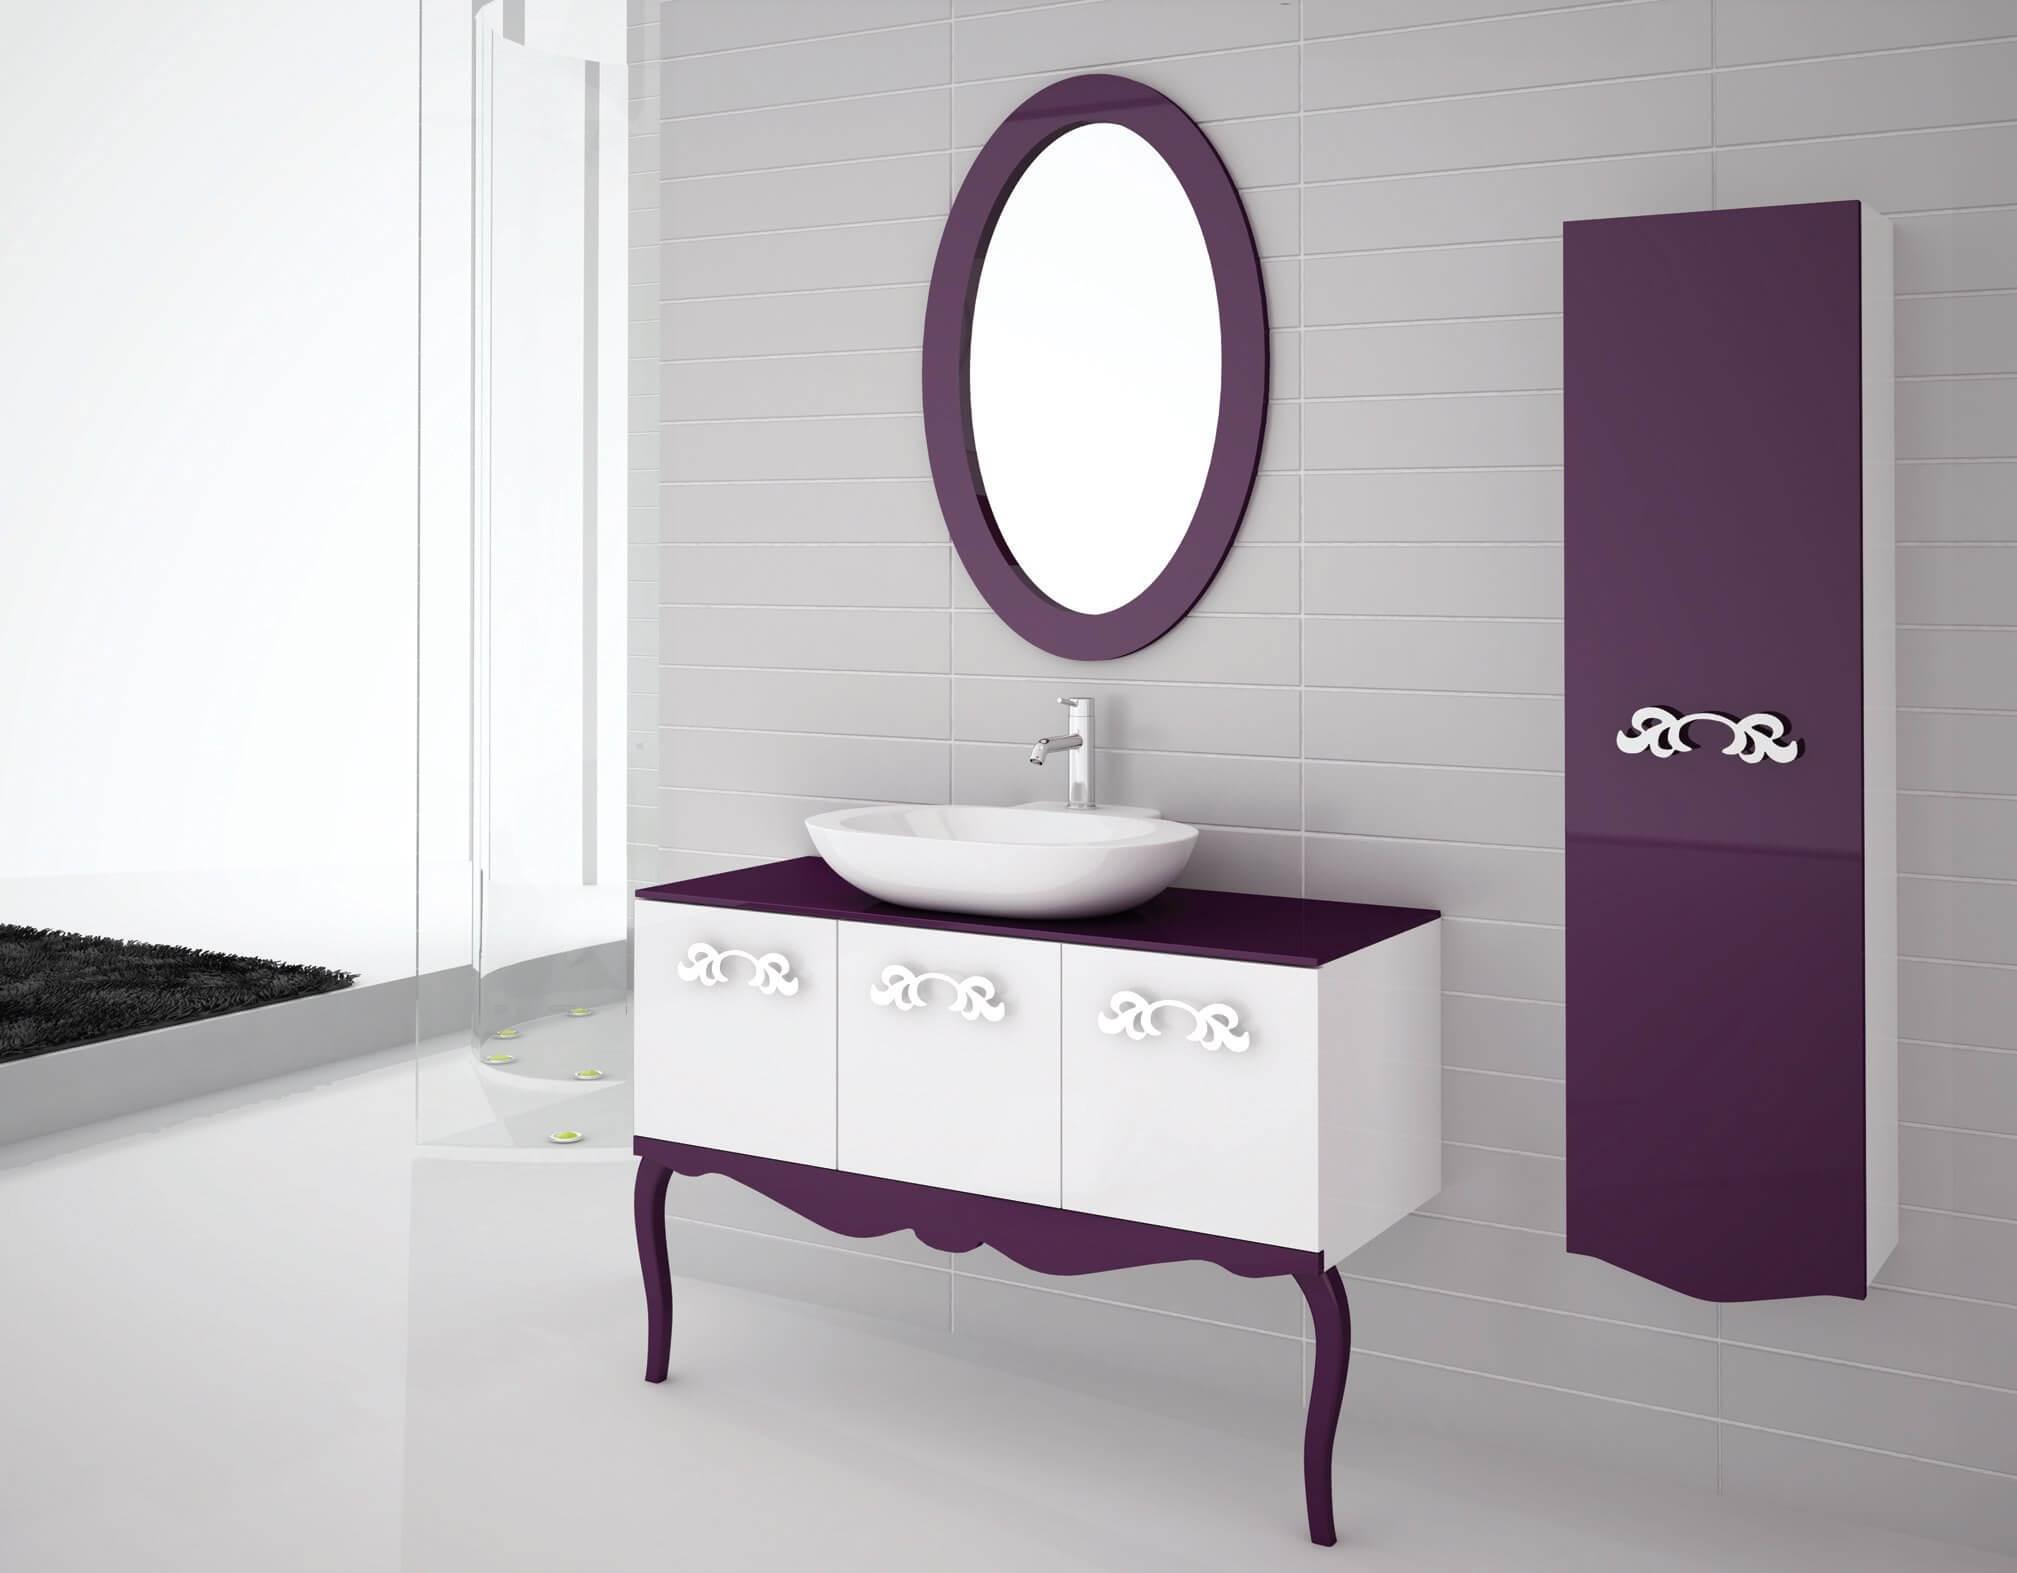 Modern mor renkli banyo dekorasyonu ev dekorasyonu dizayn - Modan N Modern D Nemden Postmodern D Neme Ge I Iyle Birlikte Ev Dekorasyonu Ve Zellikle Banyo Dizayn Yeni Bir Bi Ime B R Nm T R